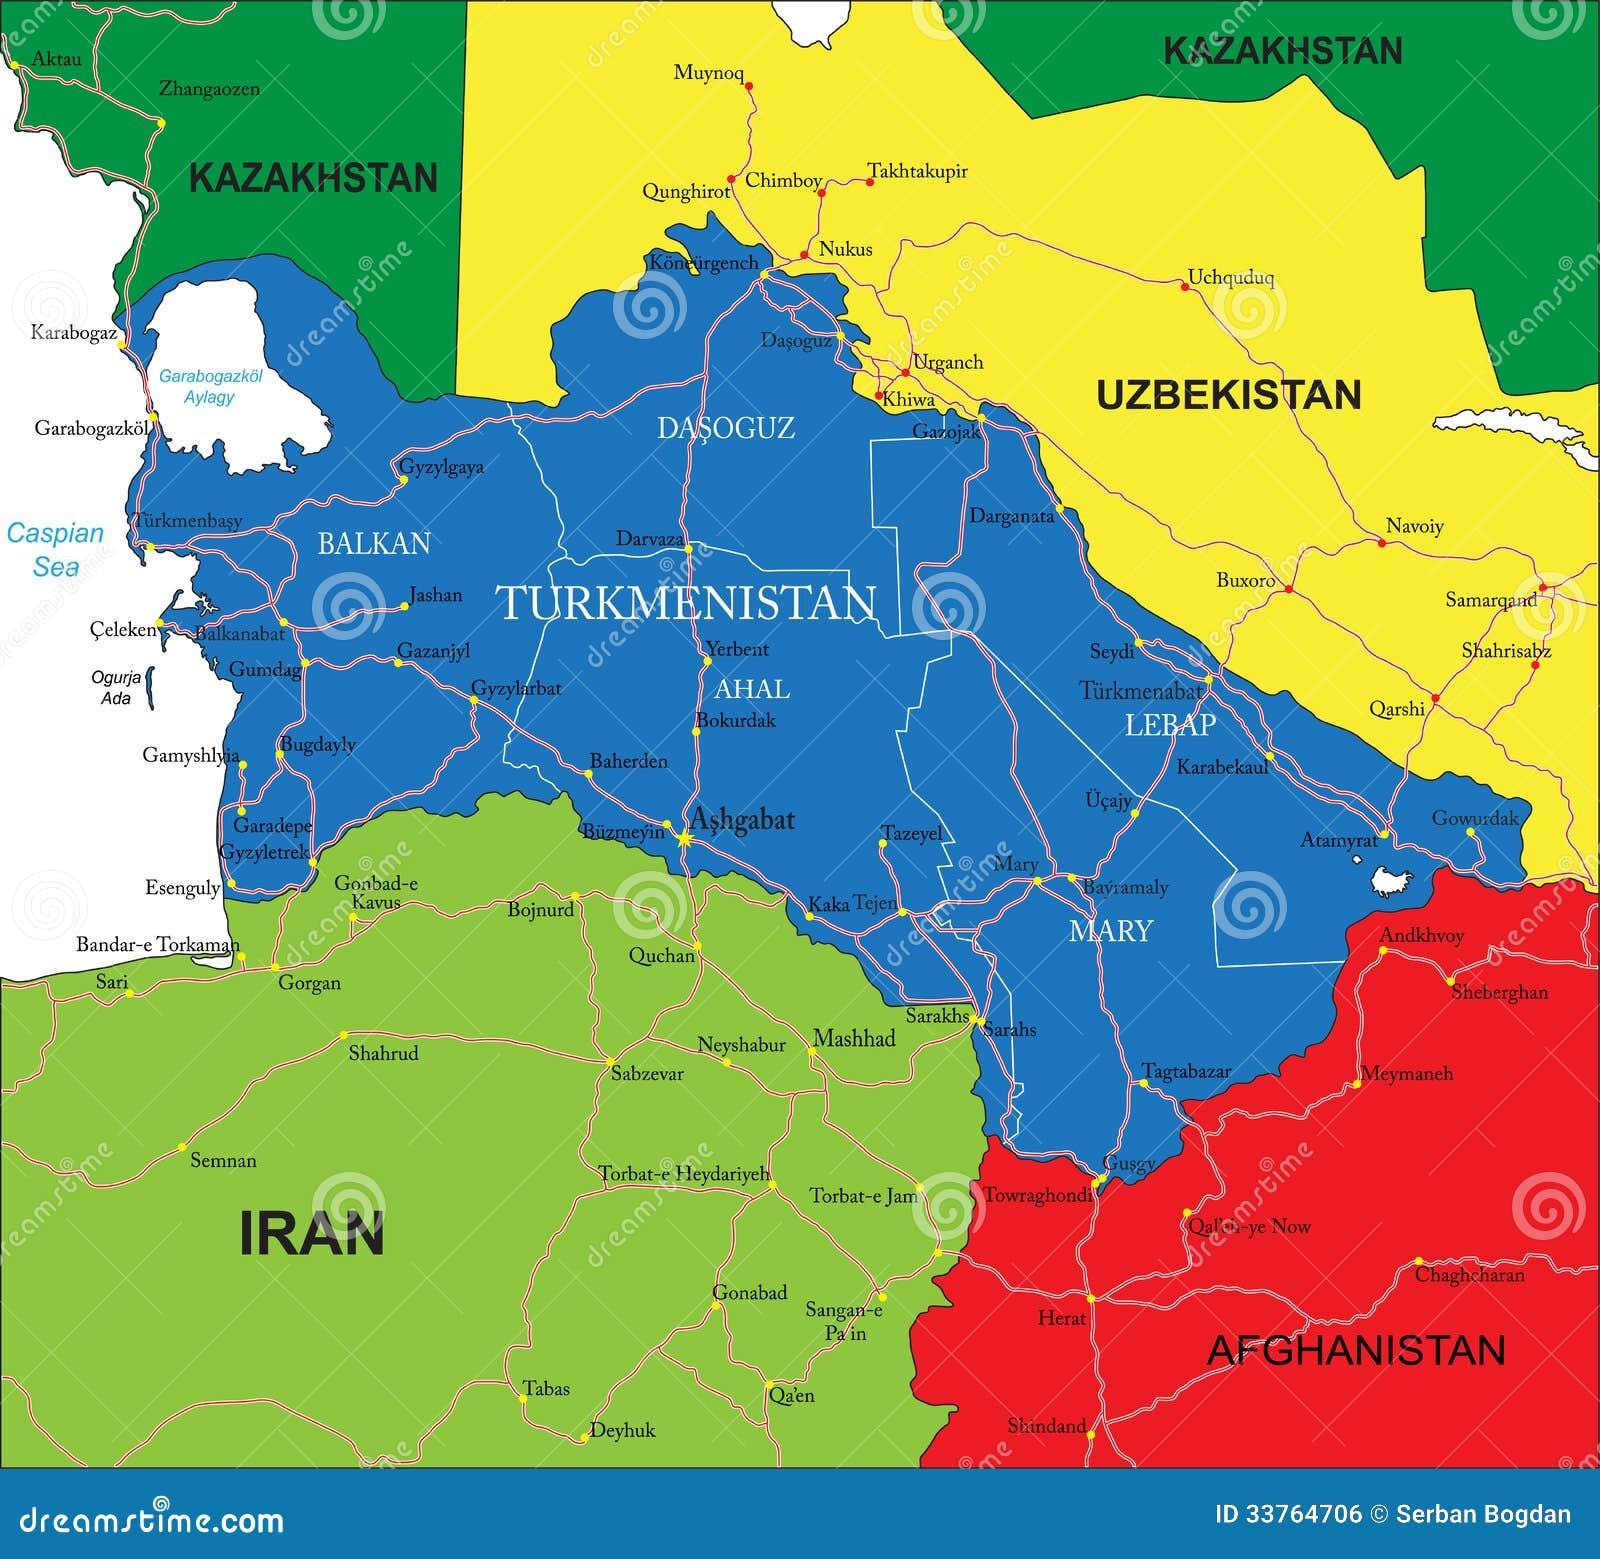 Картинки по запросу Туркменистан политическая карта